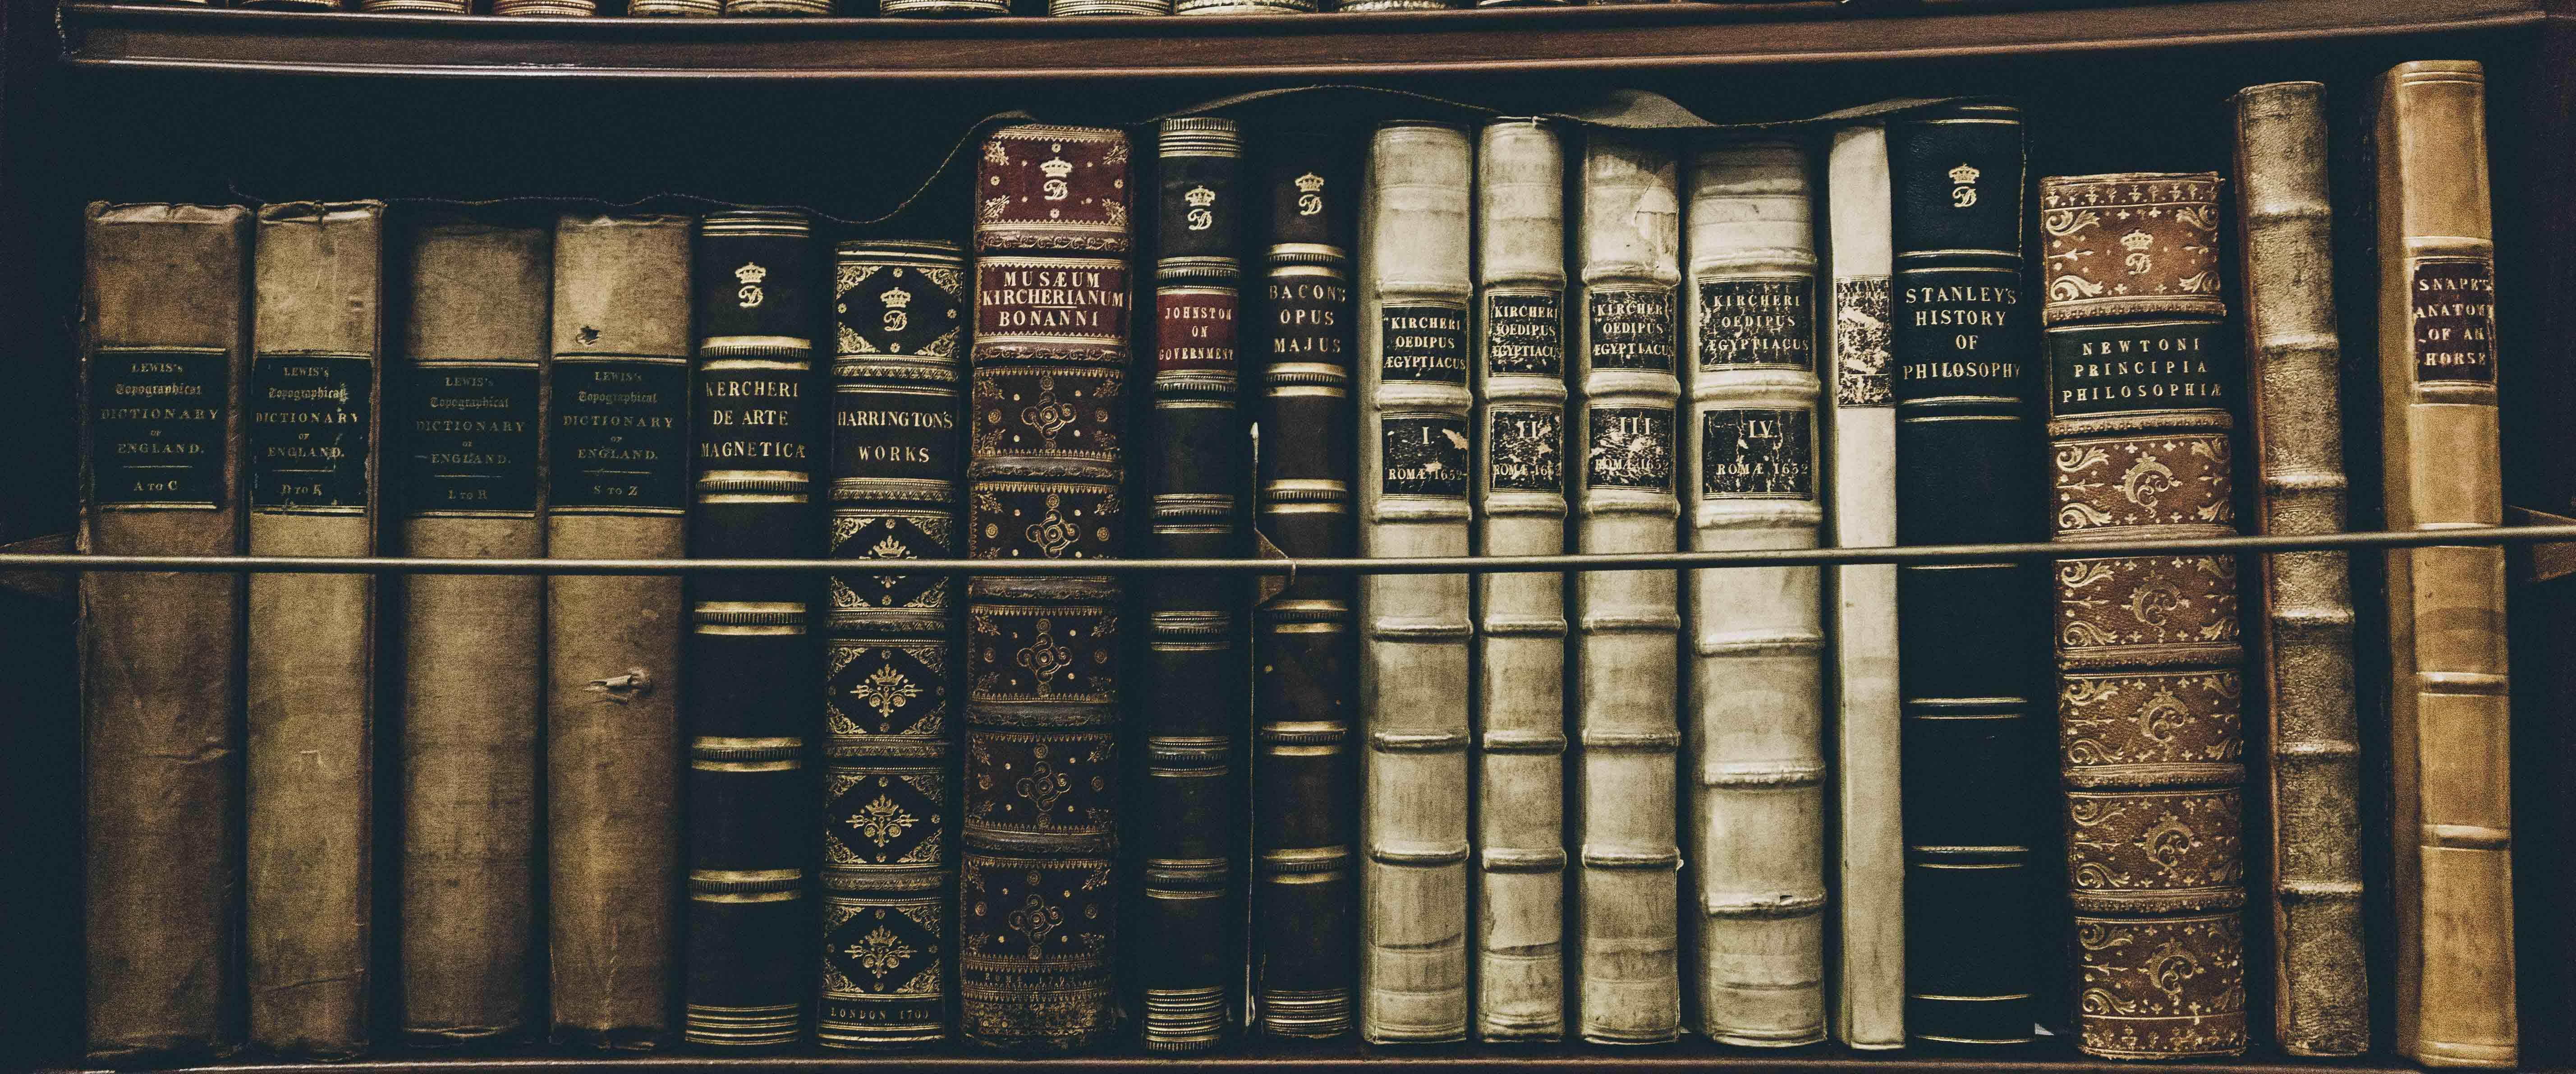 Leggete libri difficili: una lezione dal Salone del Libro